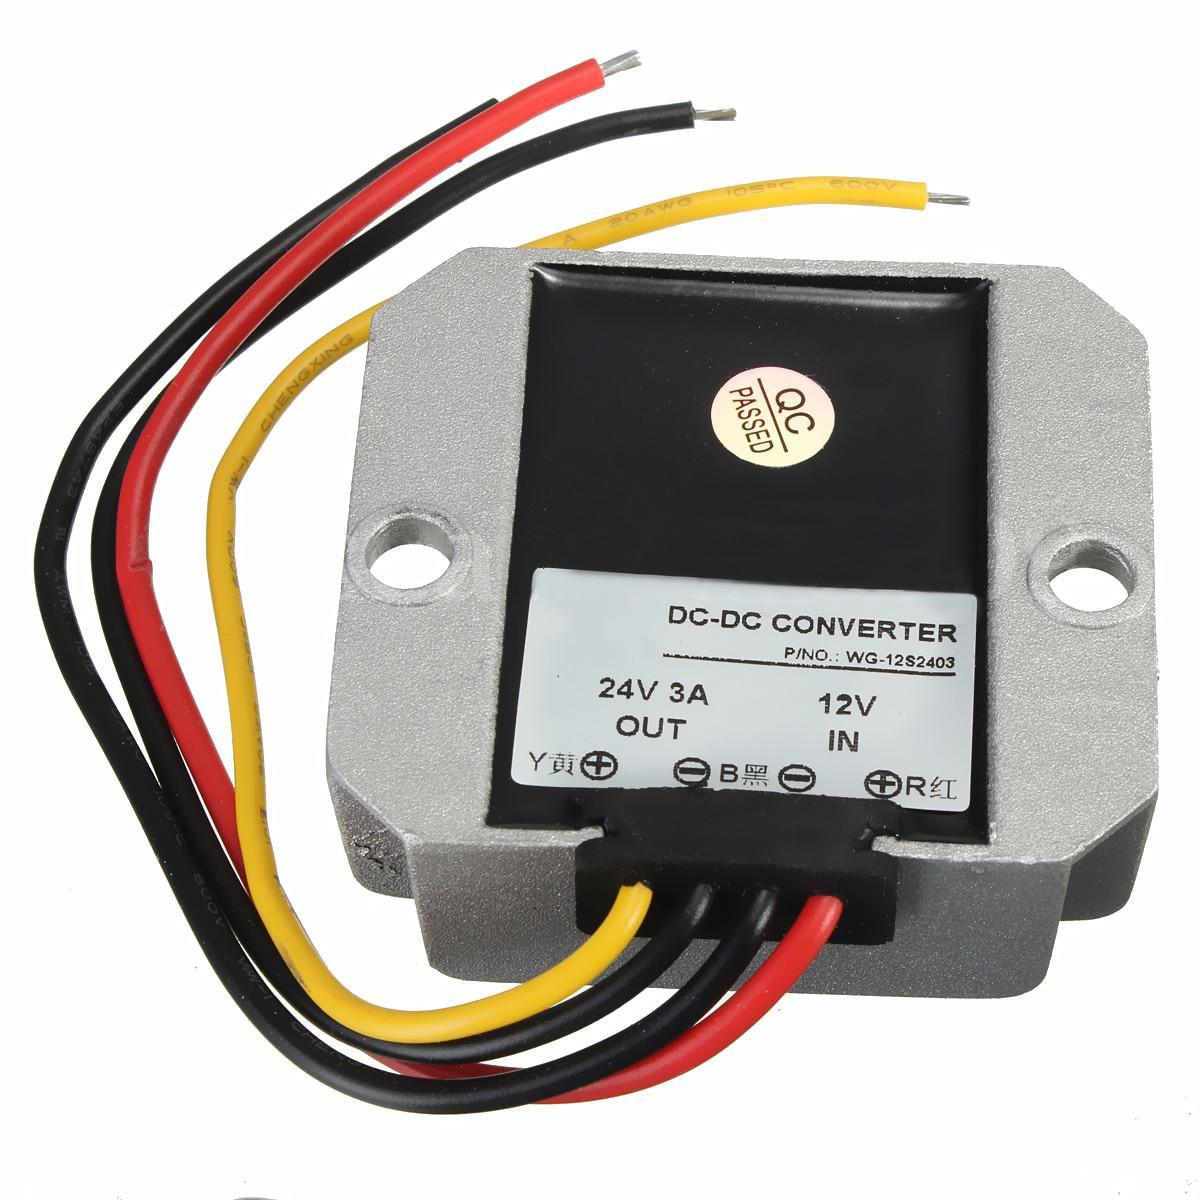 все цены на DC-DC 12V Step Up to 24V 3A 72W Car Power Converter Regulator онлайн